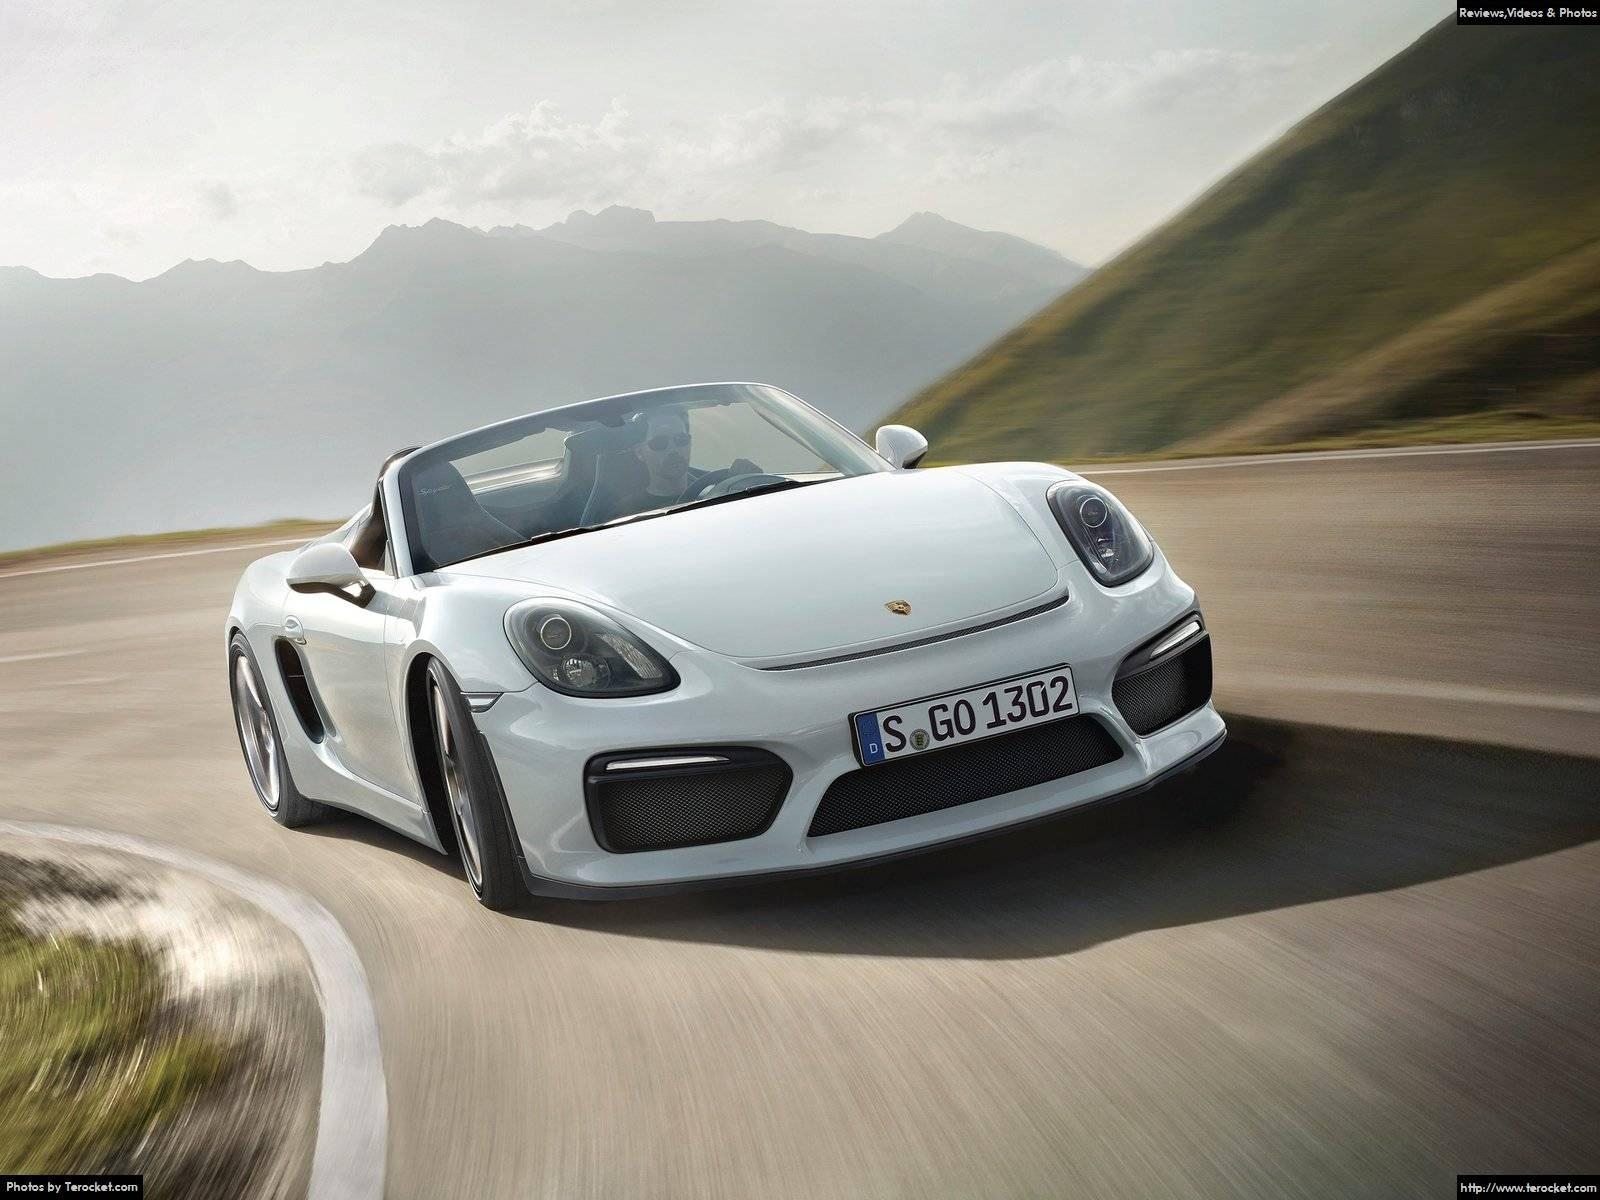 Hình ảnh xe ô tô Porsche Boxster Spyder 2016 & nội ngoại thất